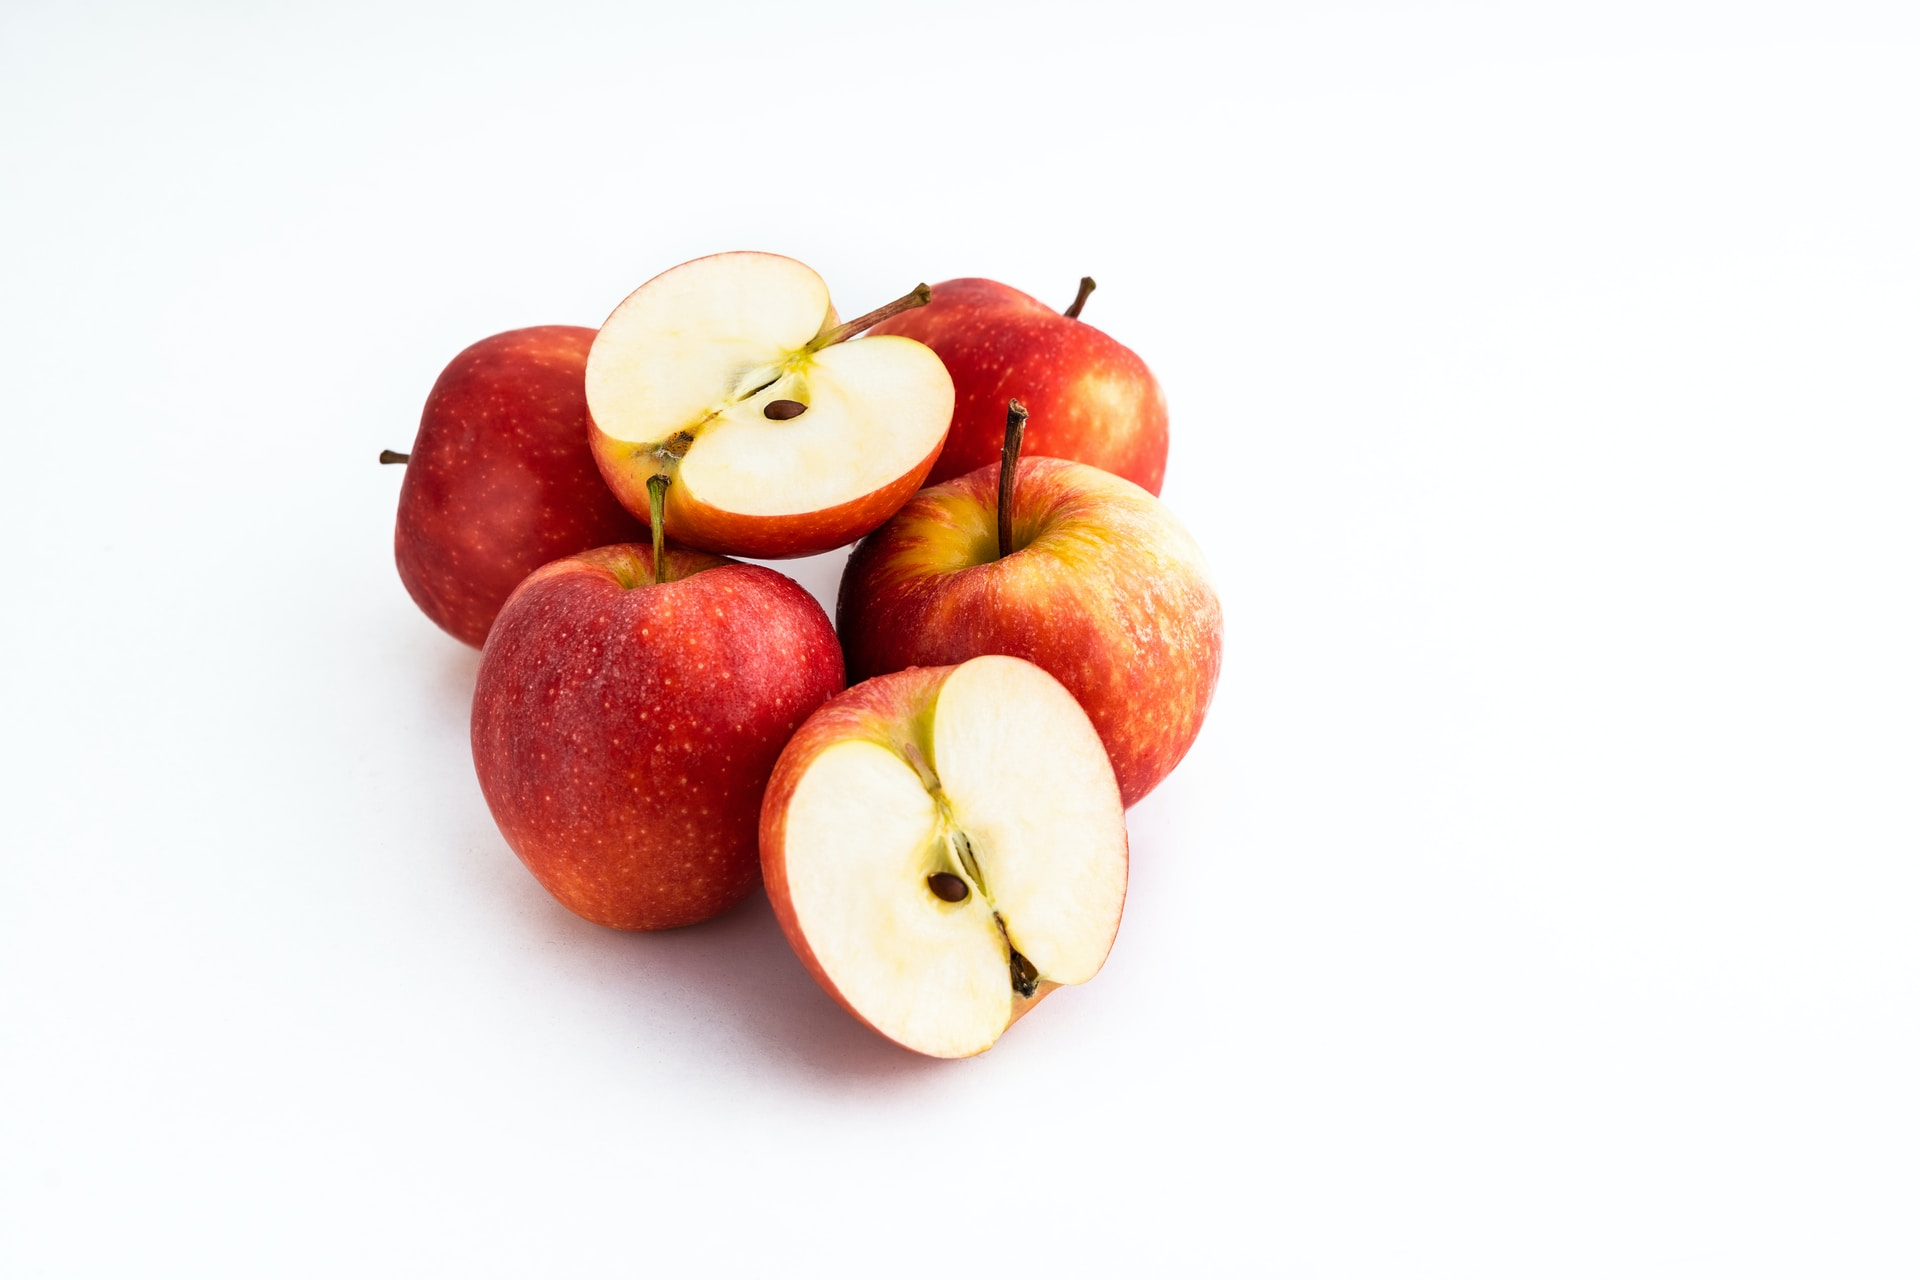 συνταγή για γλυκό μήλο